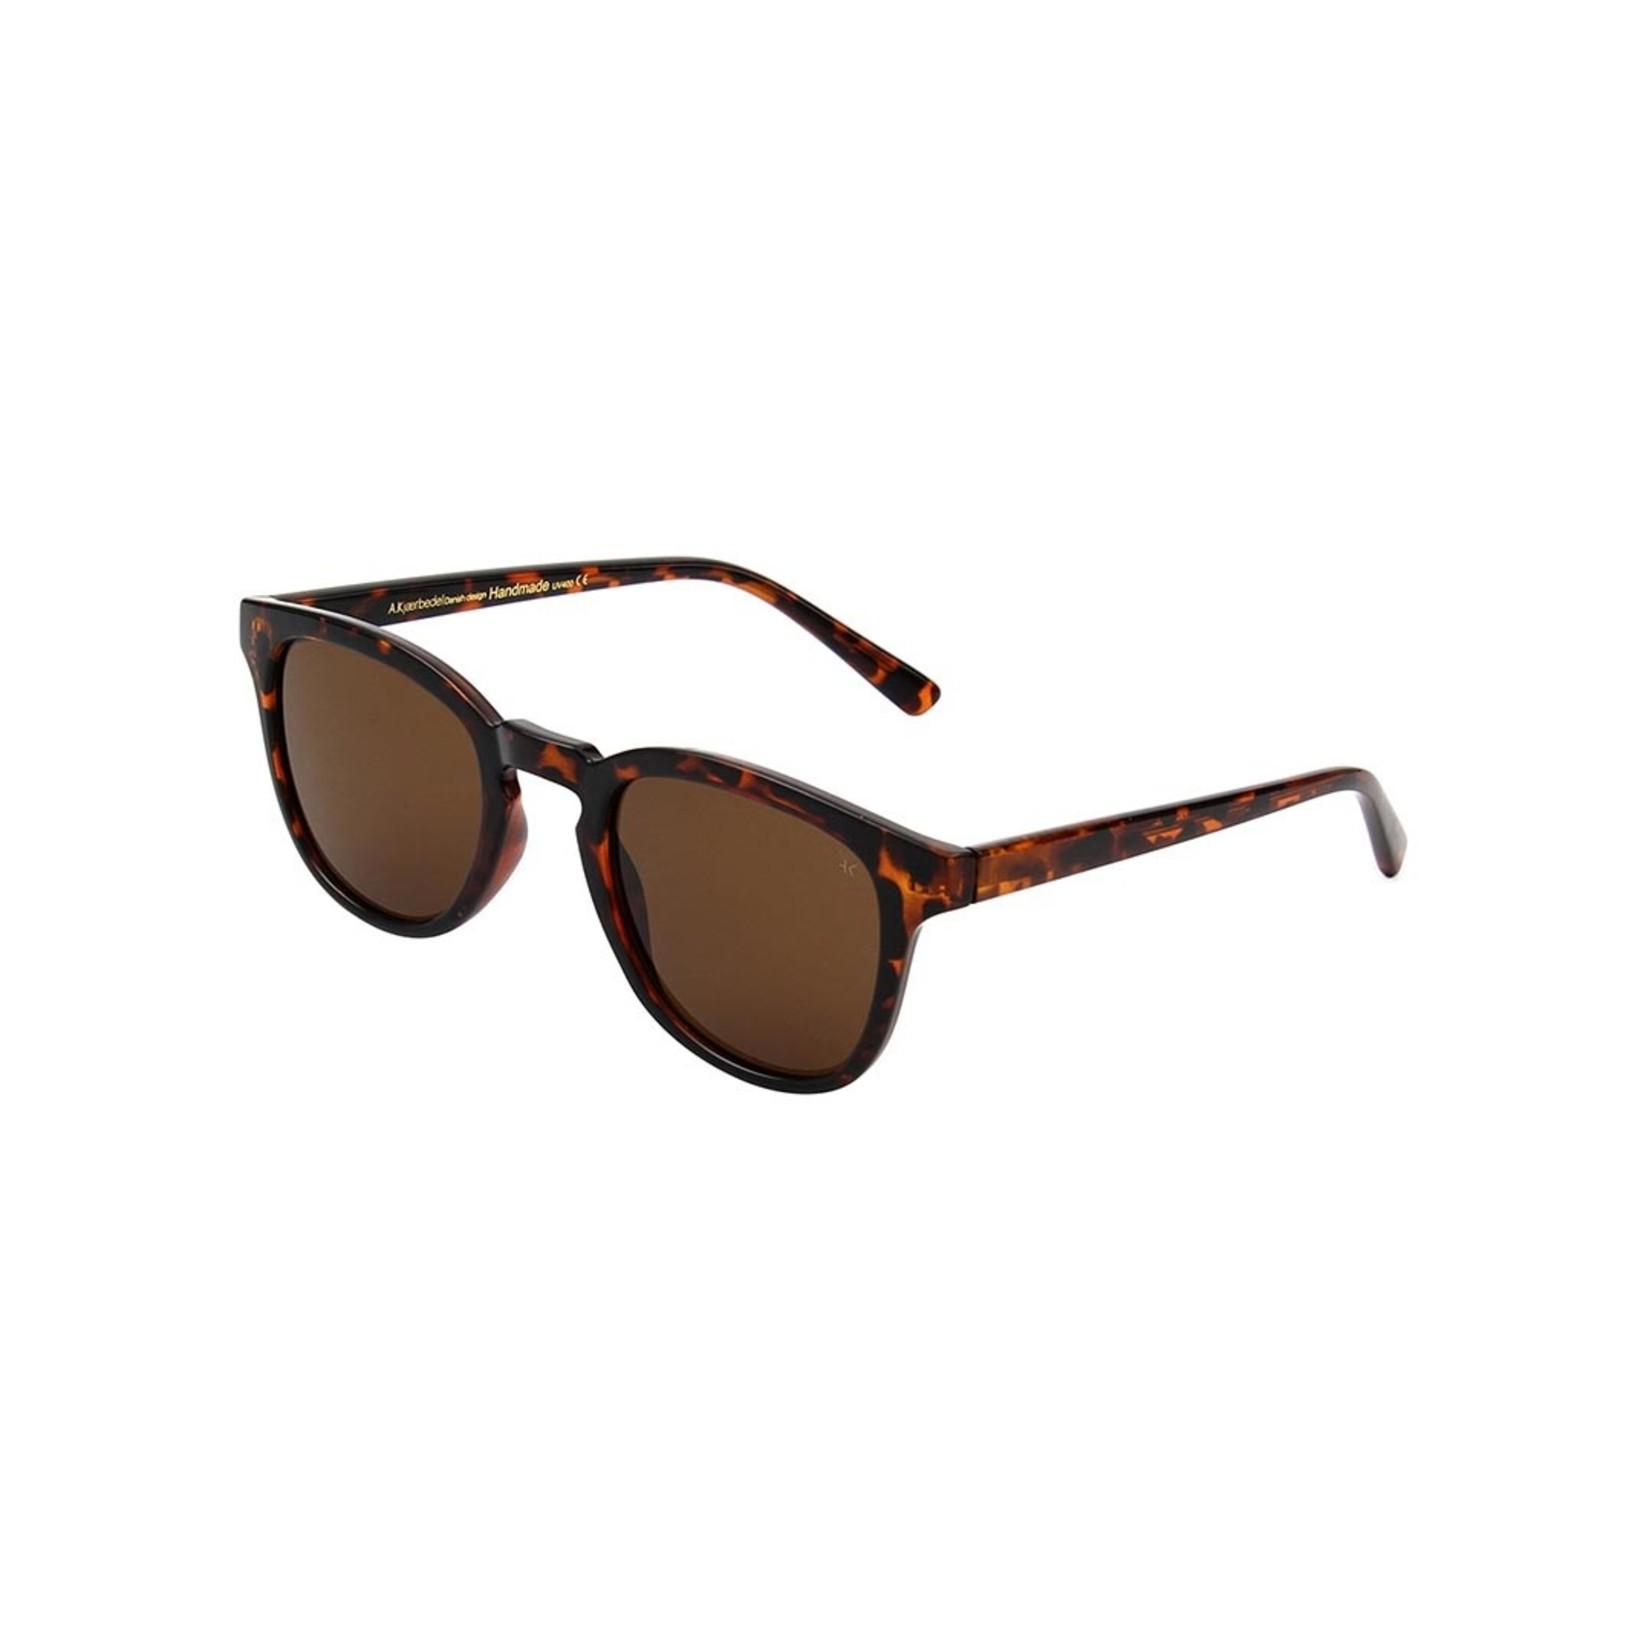 Kjearbede Kjearbede zonnebril Bate Demi Turtoise / KL1910-6